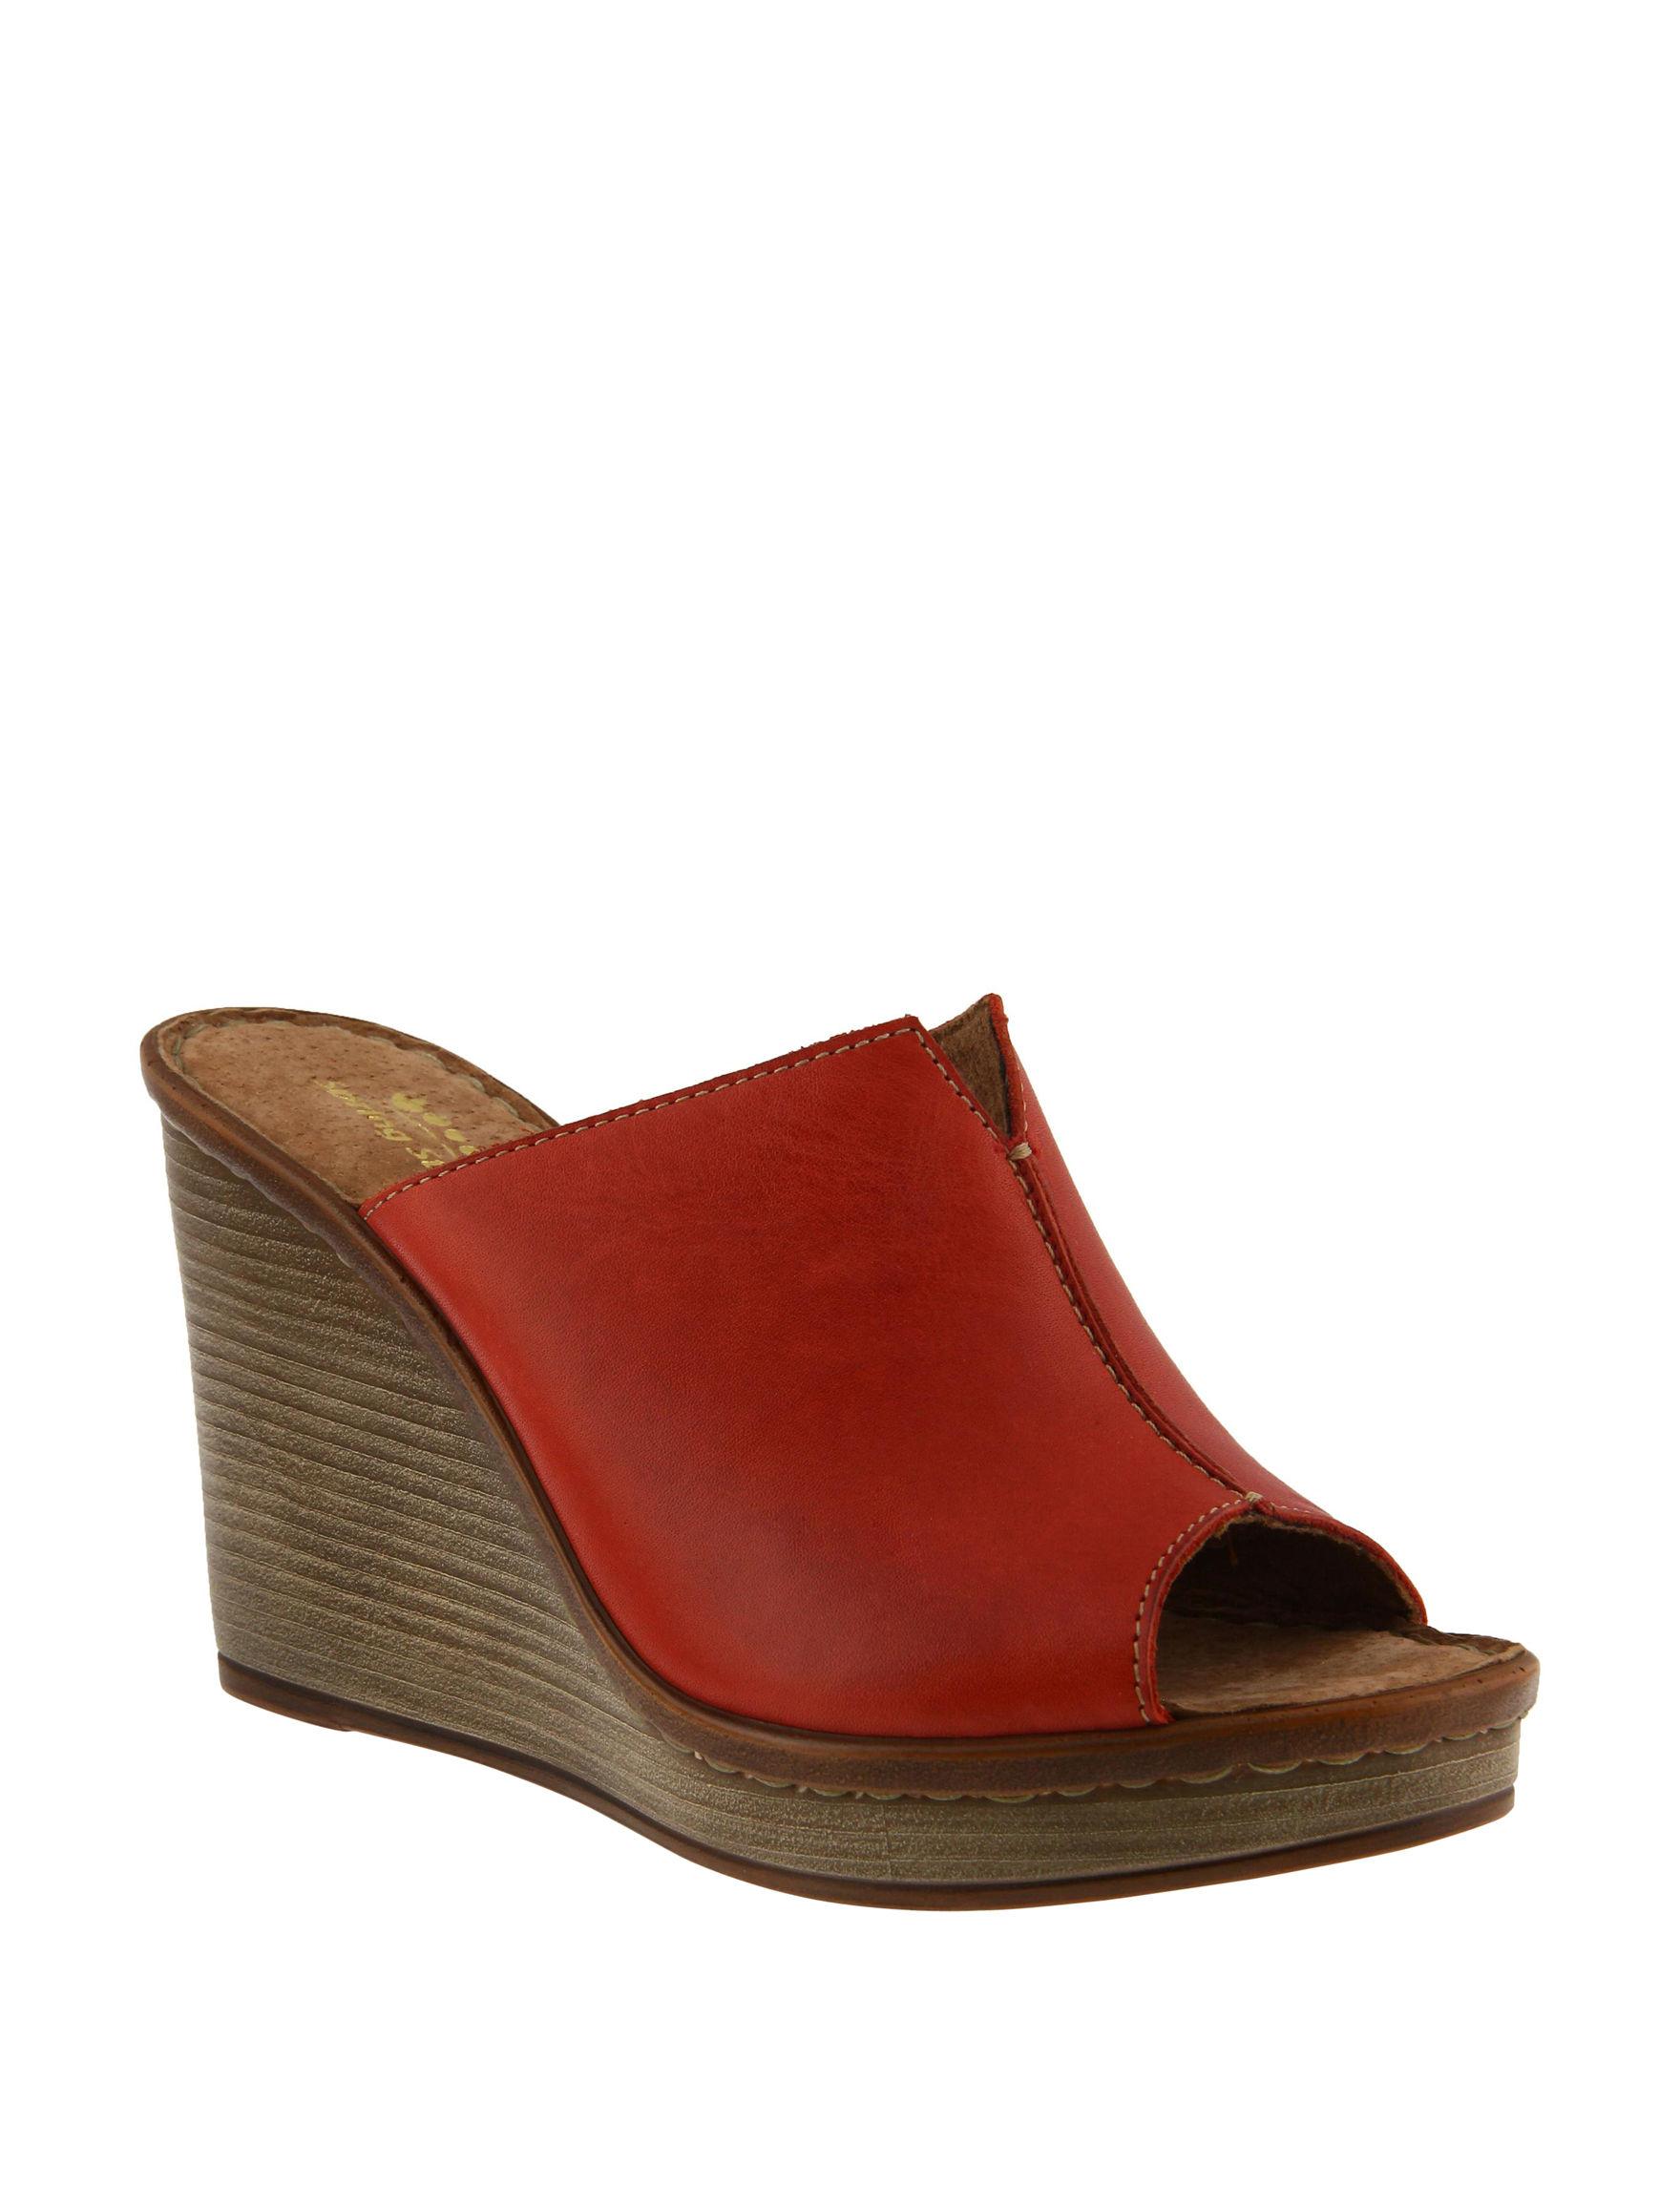 Spring Step Red Platform Wedge Sandals